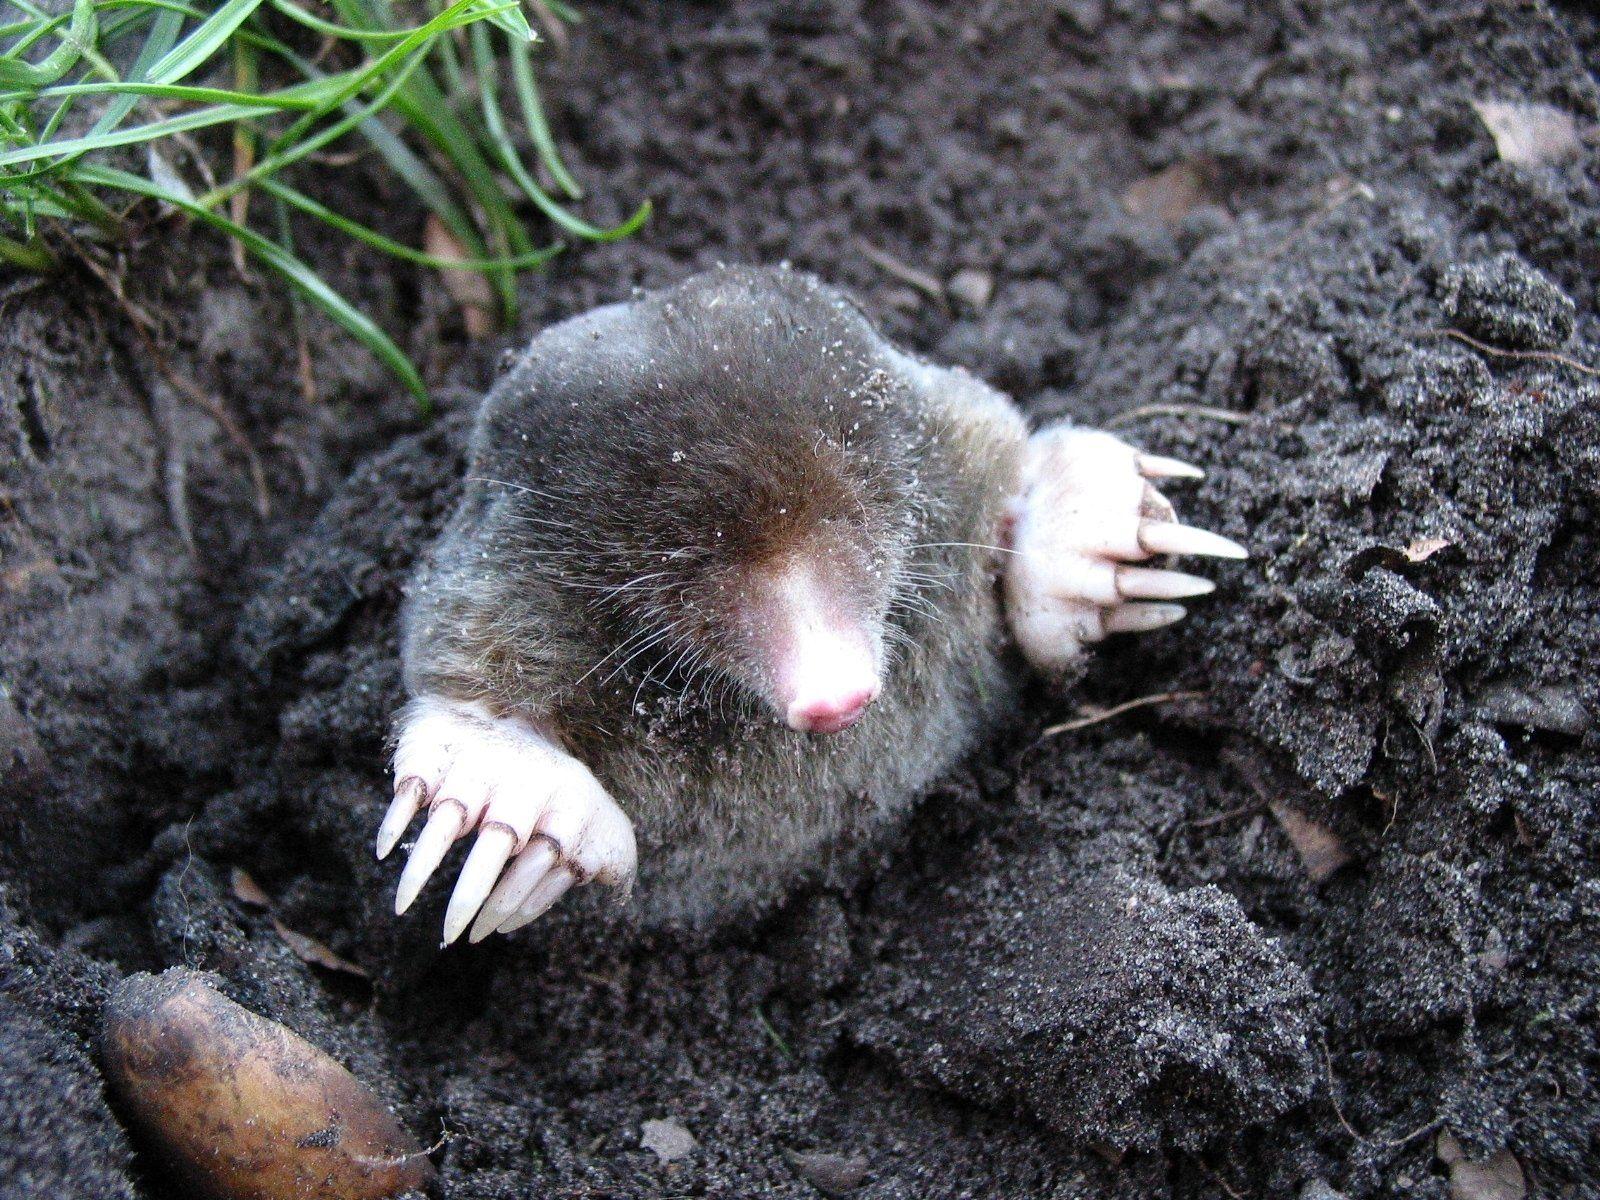 mole-13299